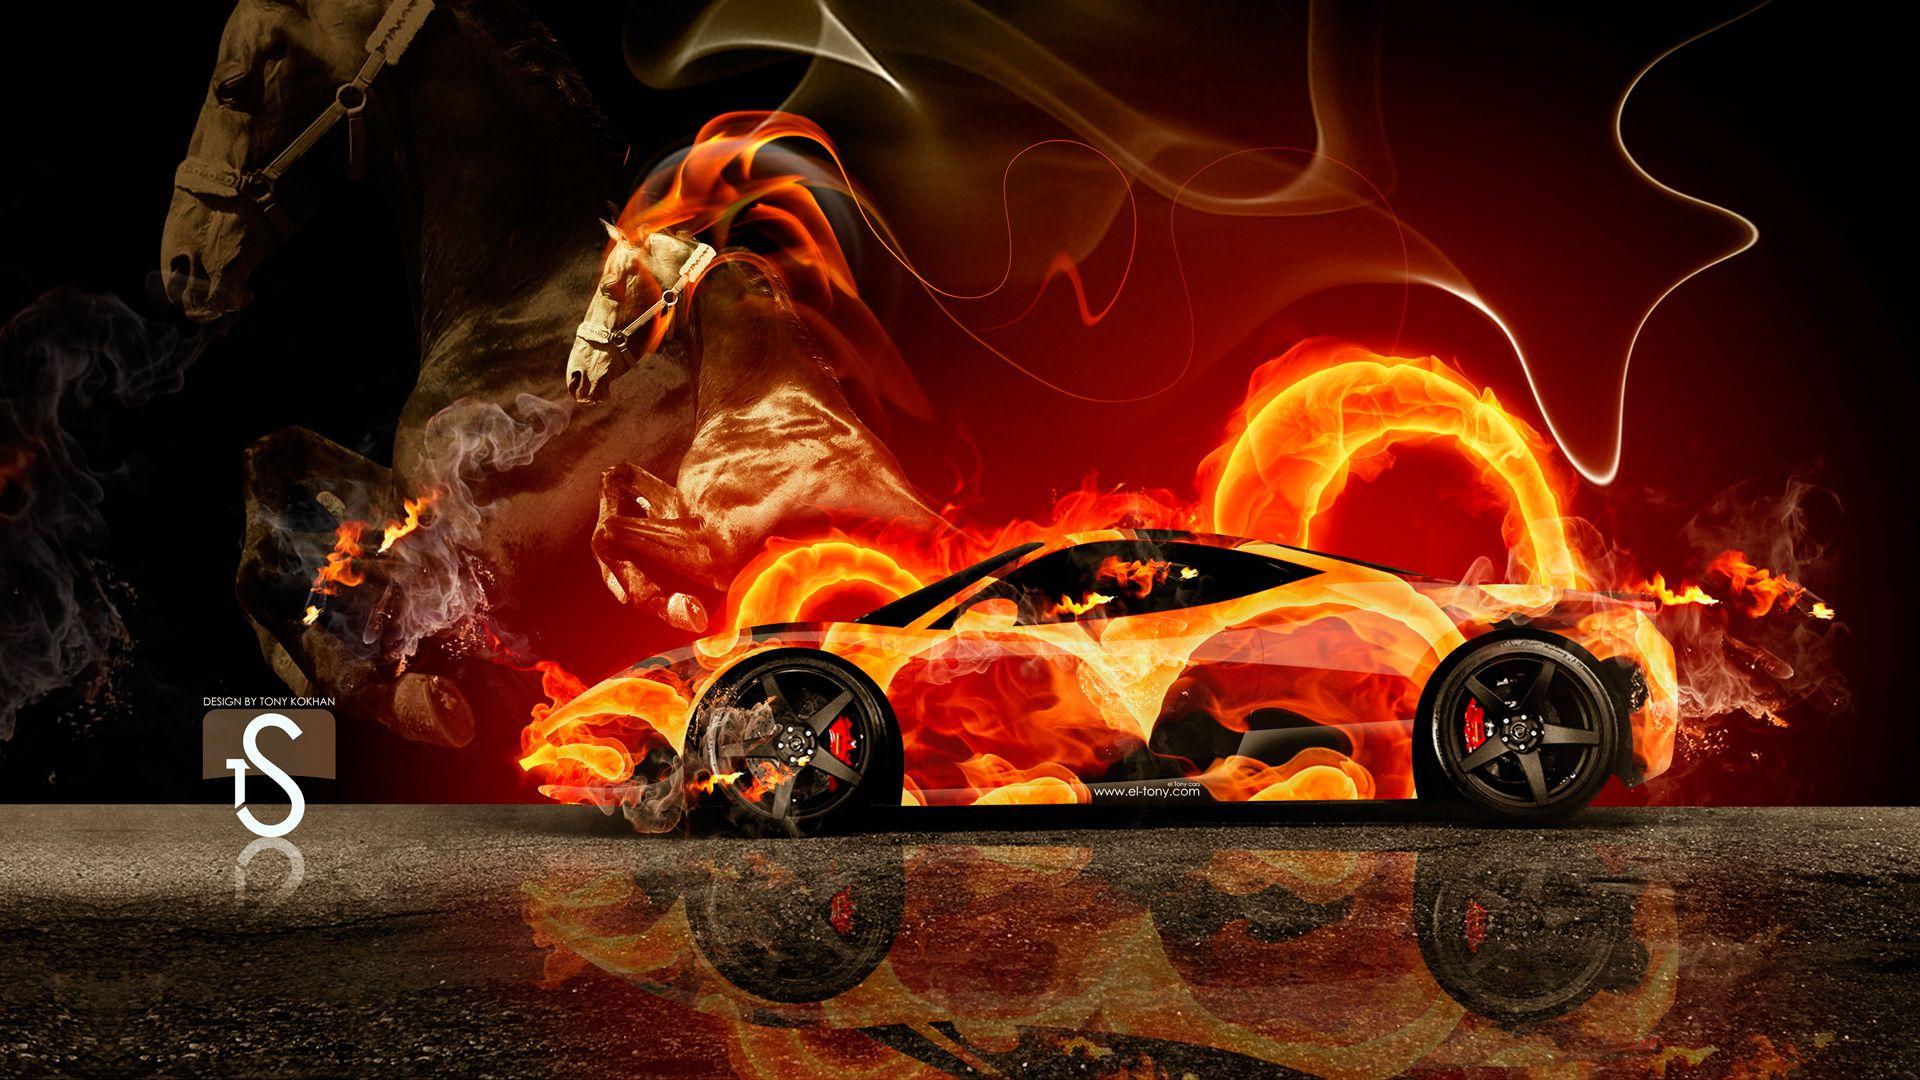 Lamborghini aventador side fire abstract car 2014 hd wallpapers design - Ferrari Fire Horse Car 2014 El Tony Ferrariabstracthorsewallpapers